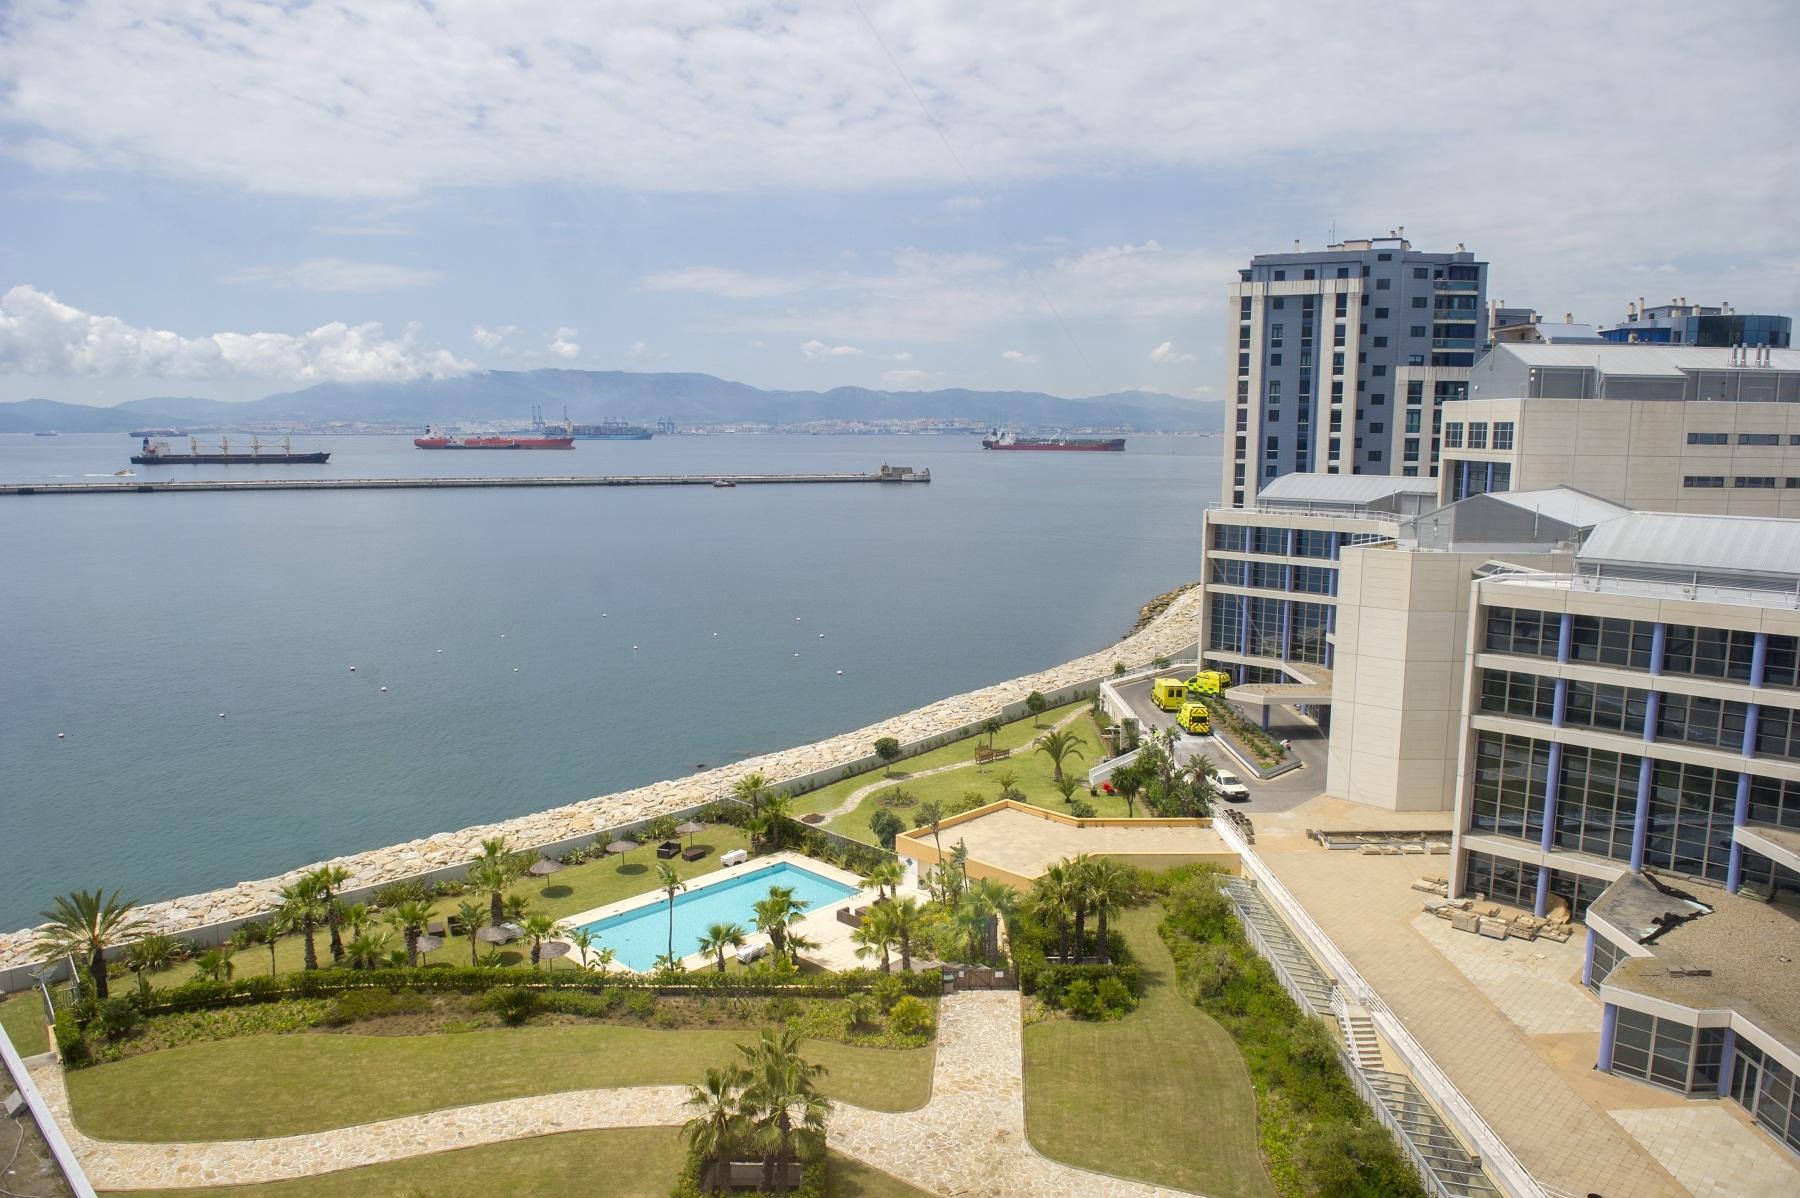 paisajes-urbanos-gibraltar-03_9222264997_o